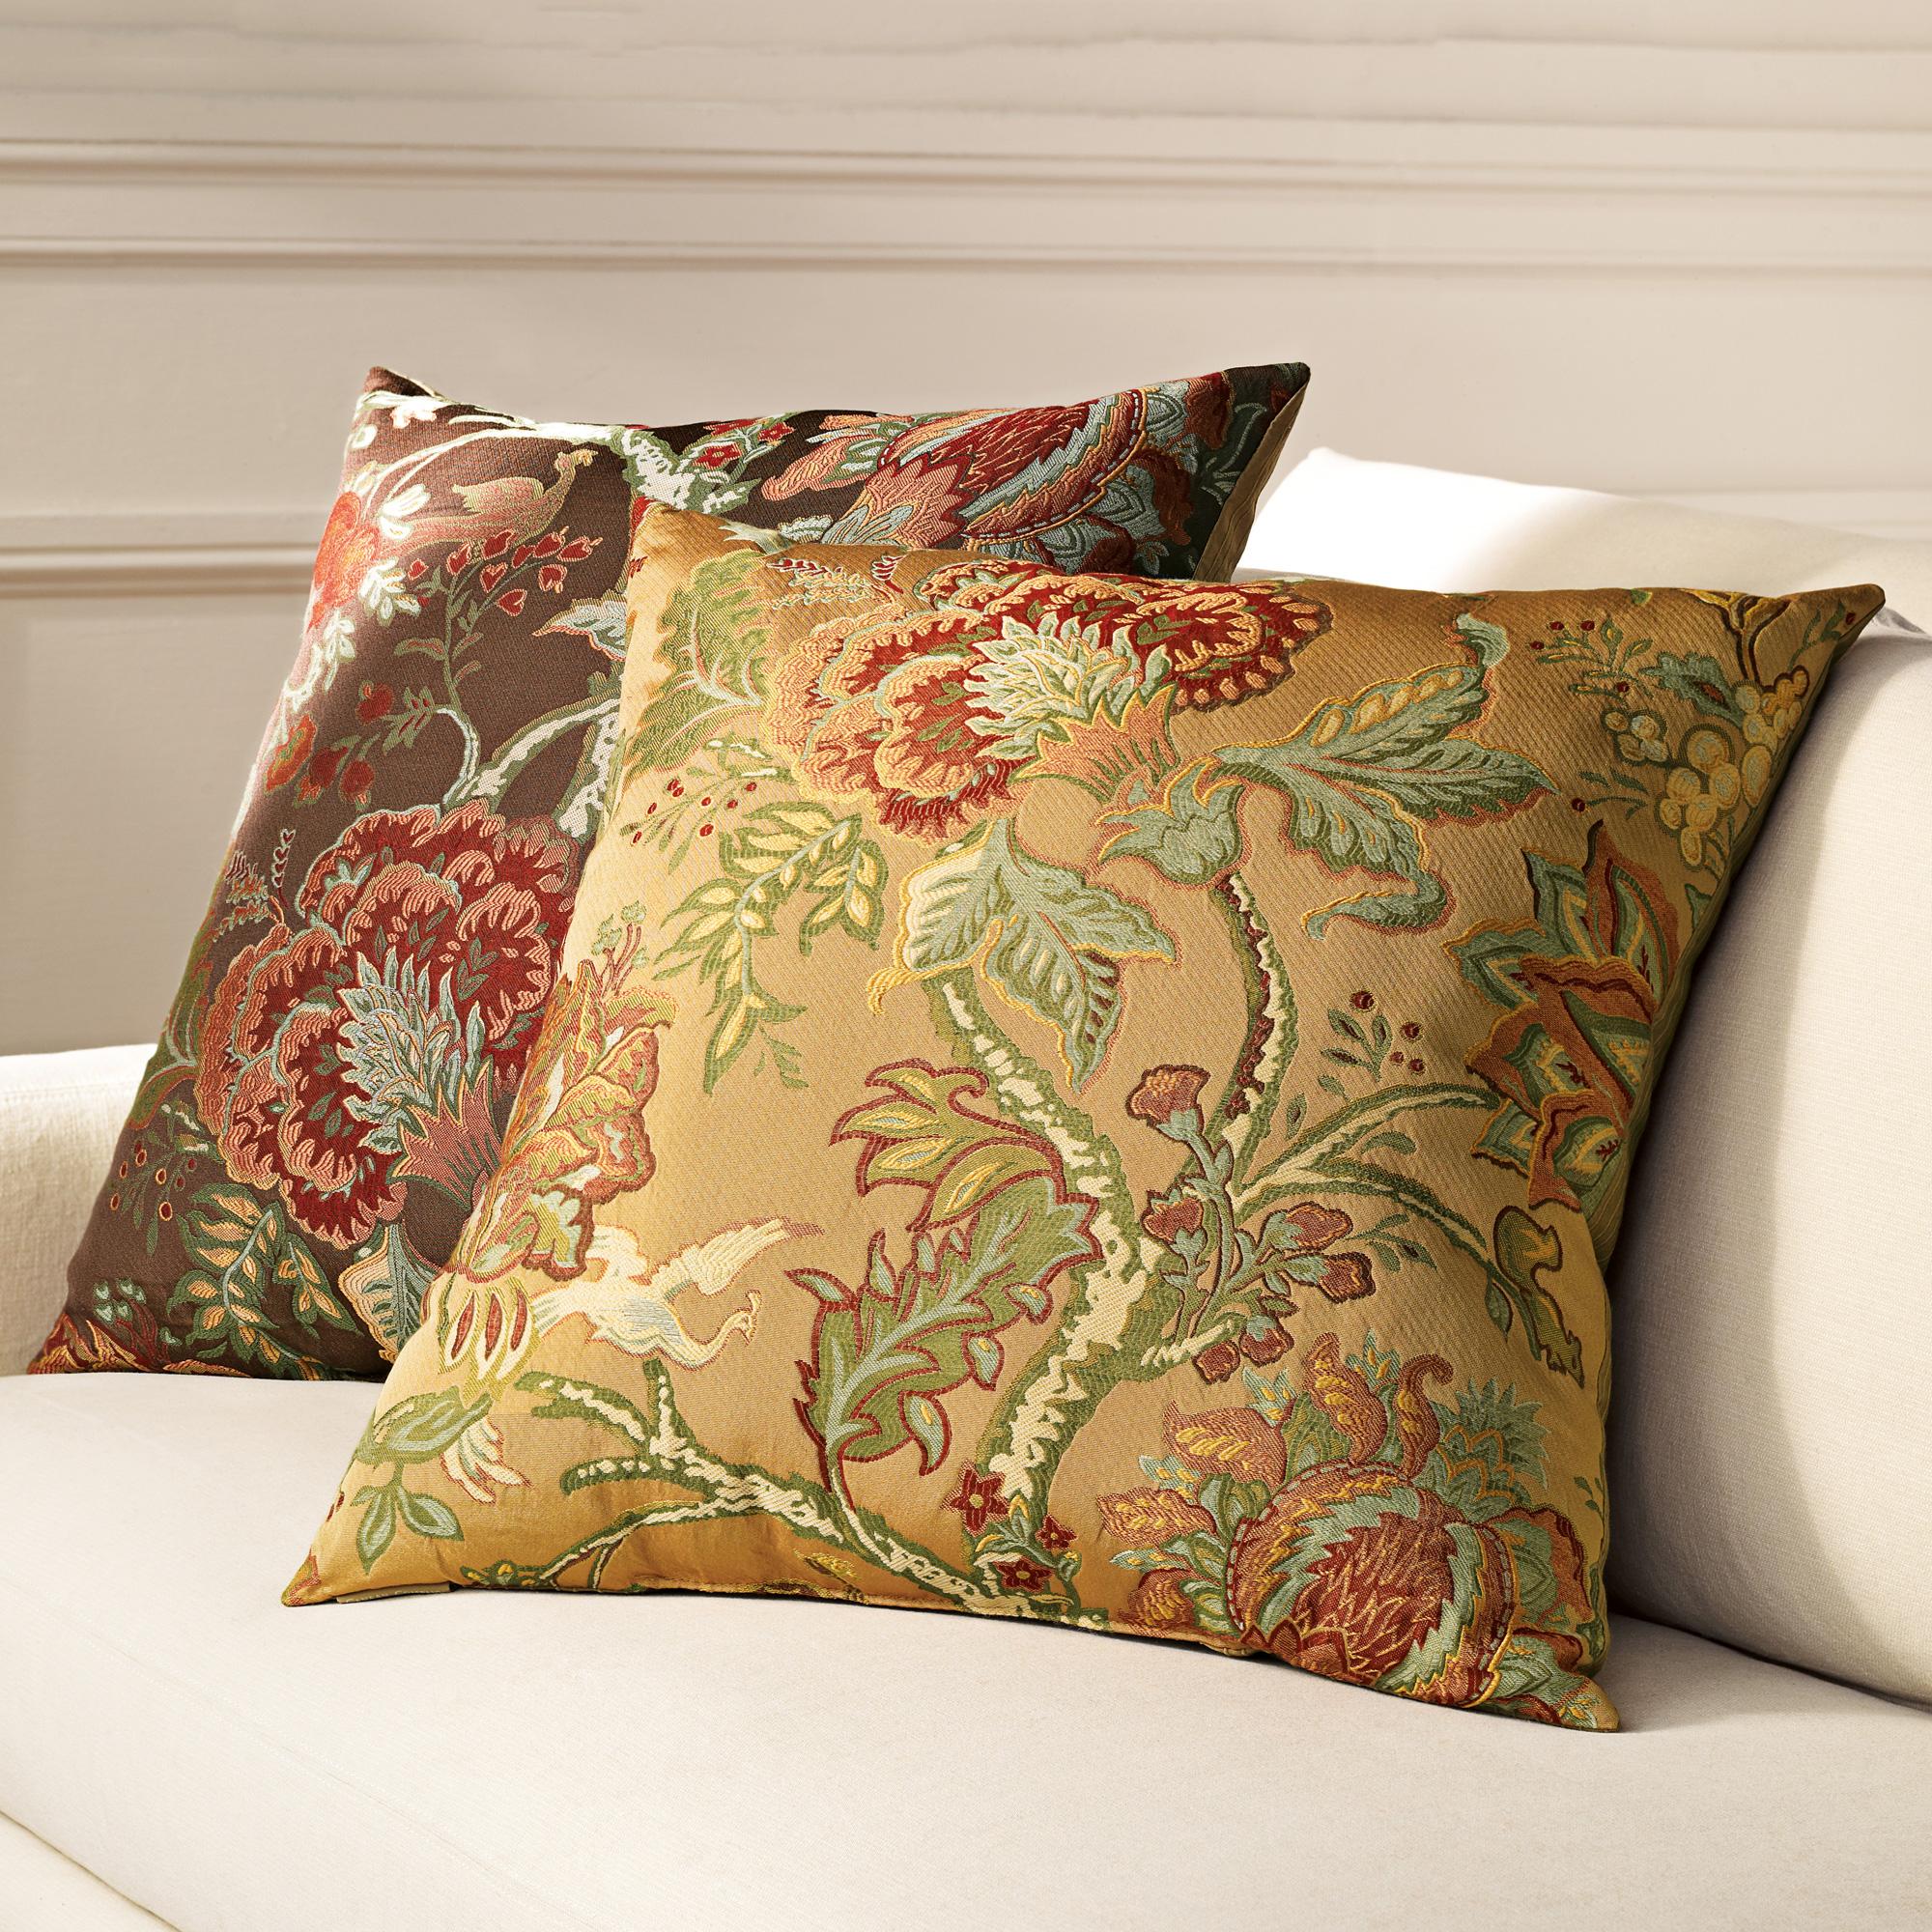 Throw Pillows Home : Canterbury Pillows Gump s